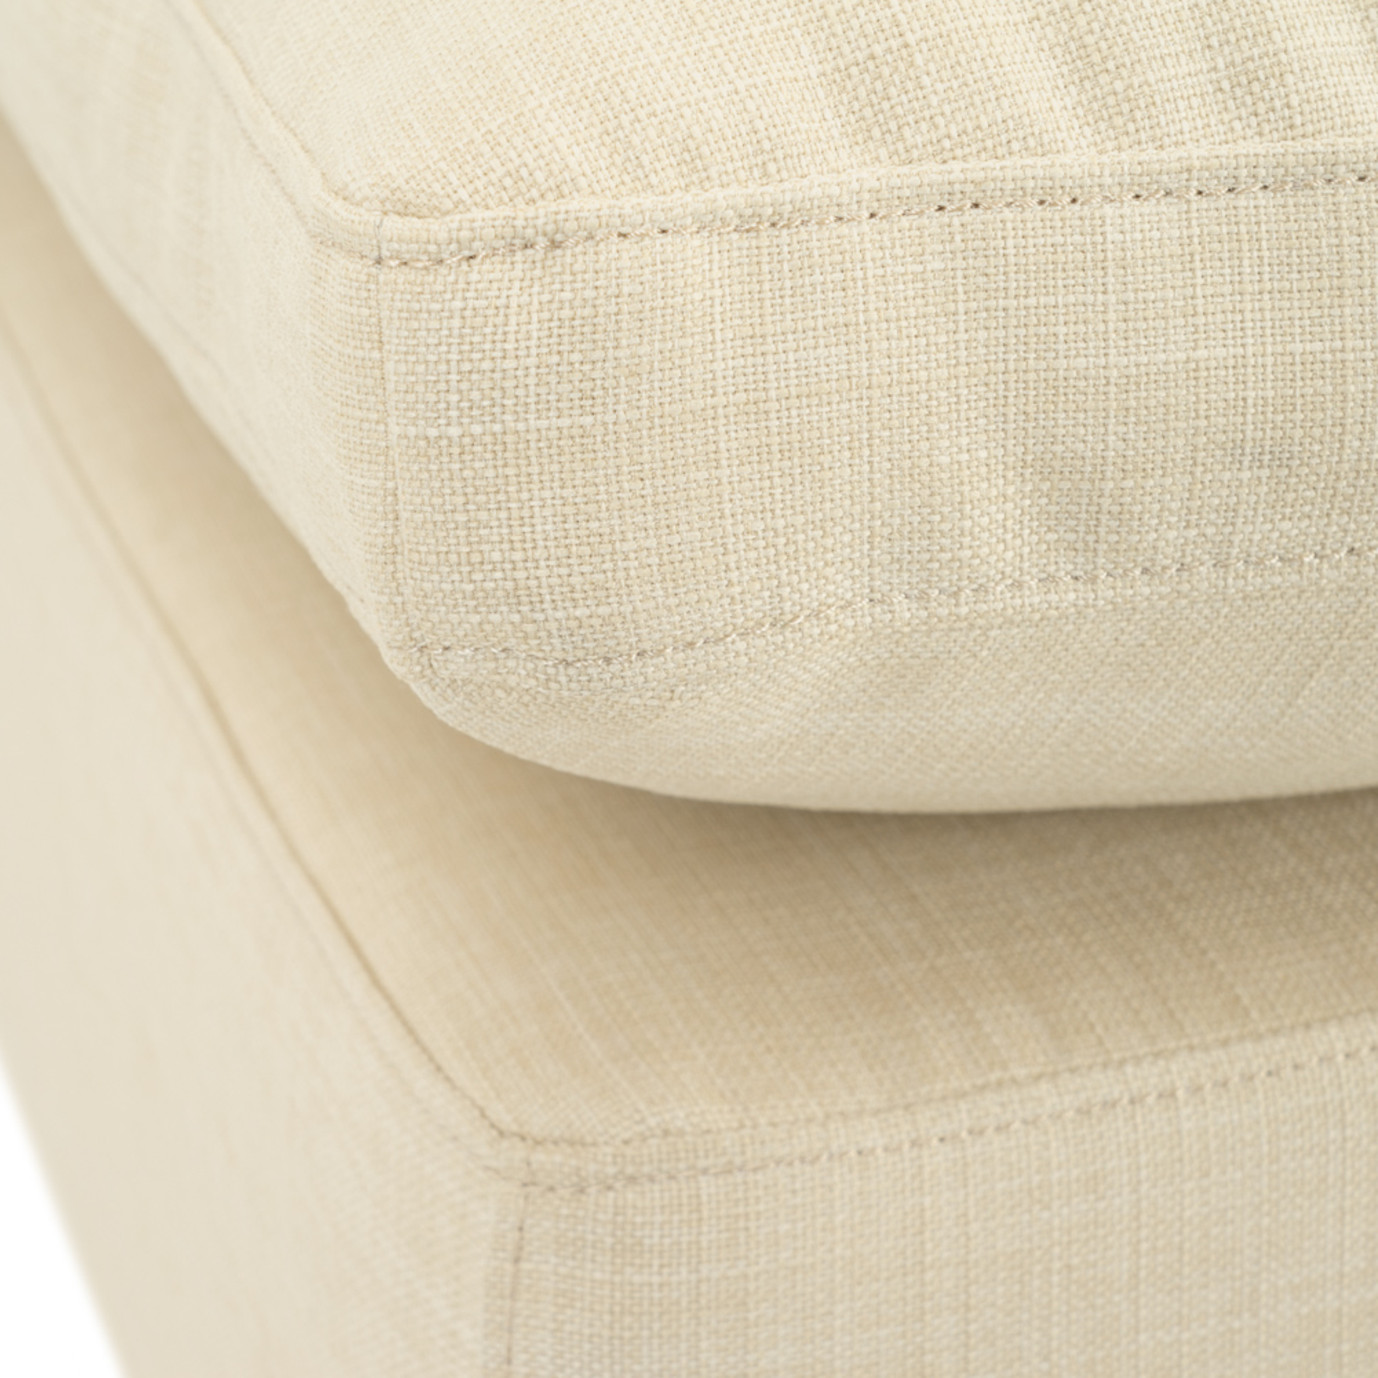 Aria Armless Chair - Beige